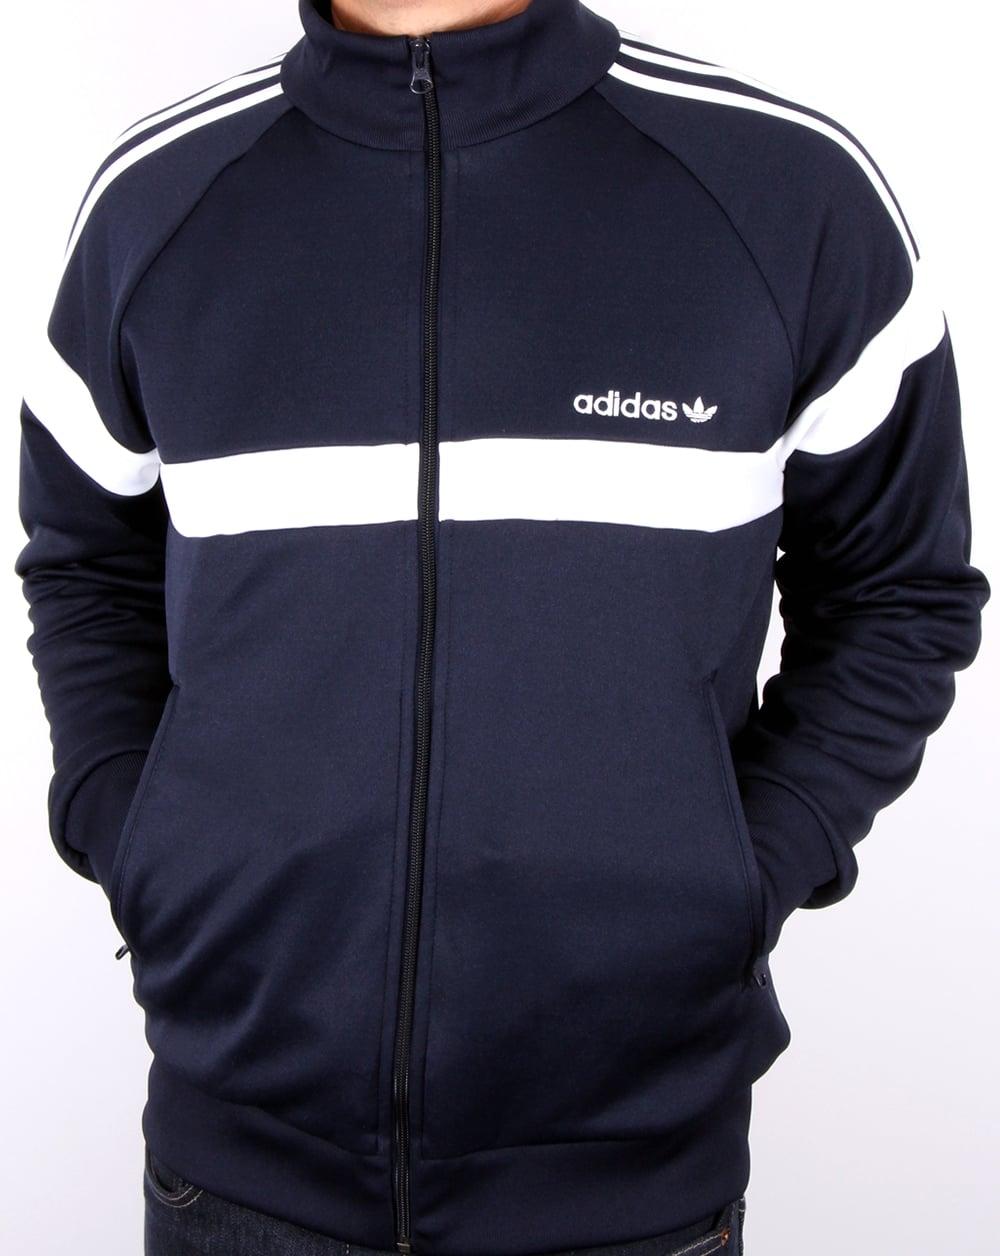 Adidas Top Ten Hi Sleek Bow Zip Trainers: Adidas Originals Itasca Track Top Navy, Men's